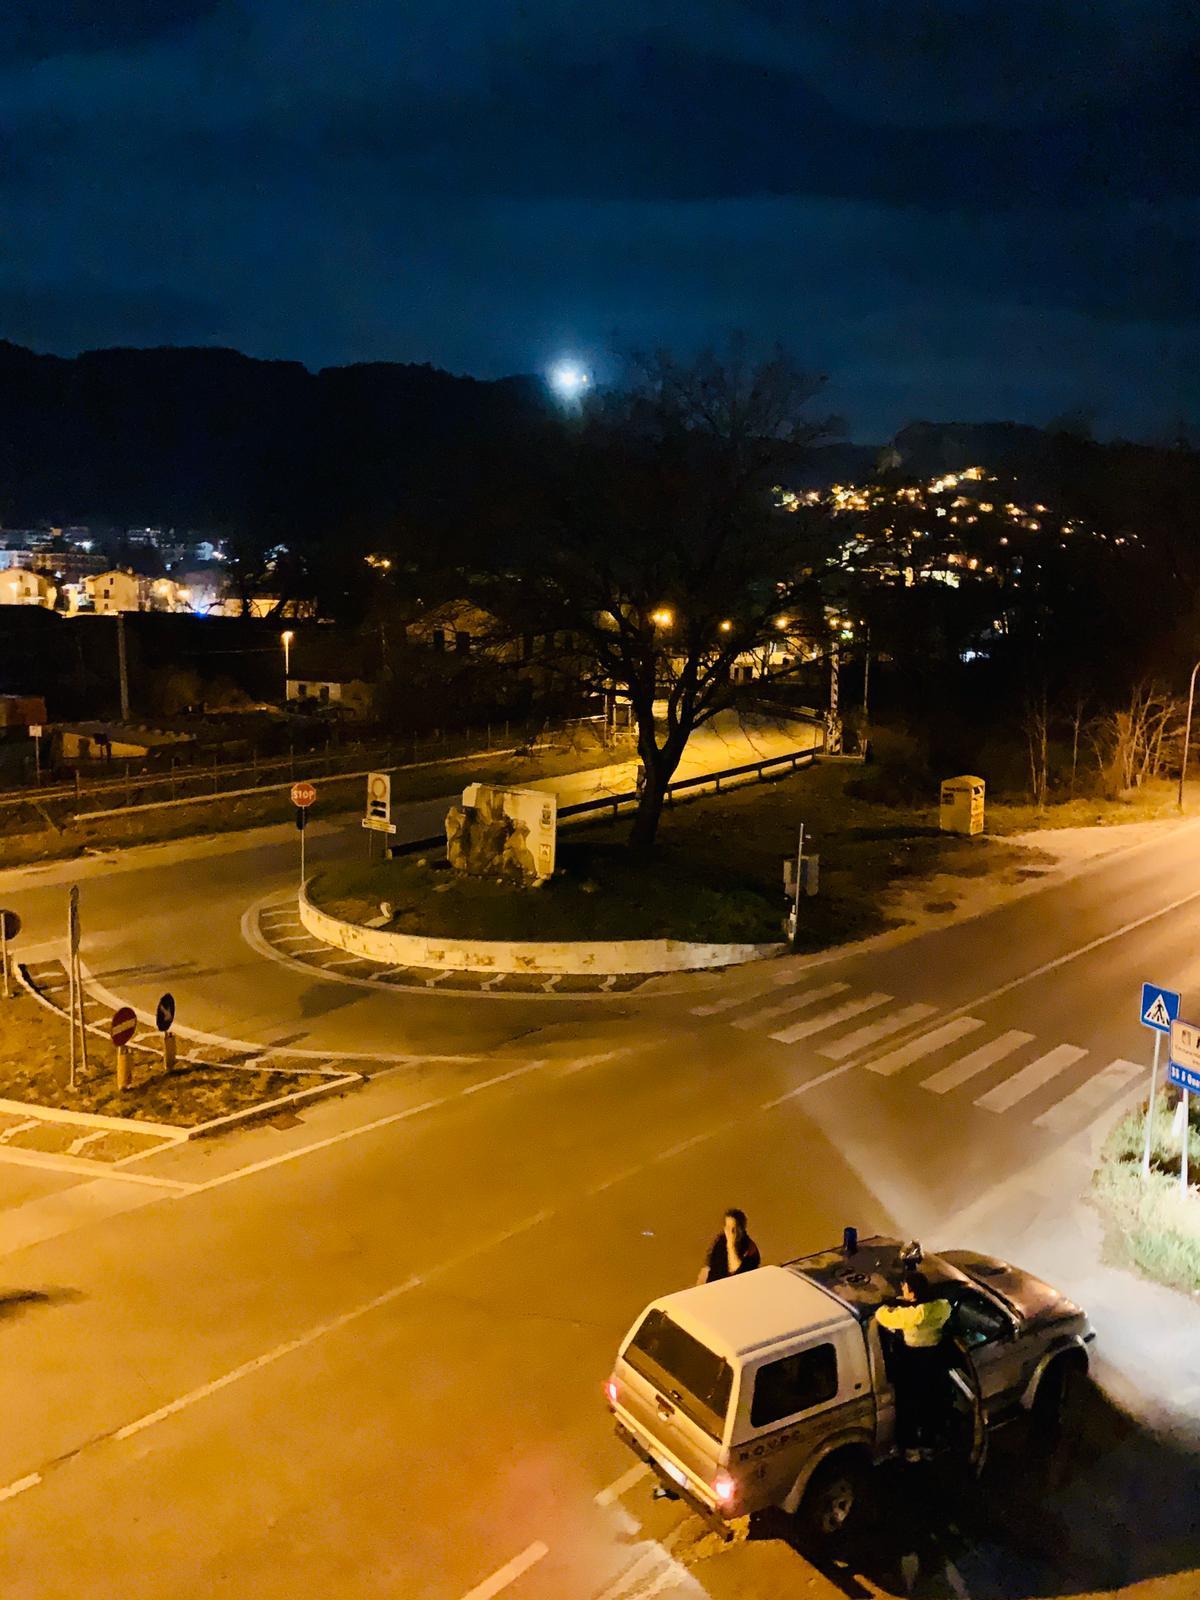 La Protezione Civile Tagliacozzo accende la Torre Faro in ricordo delle vittime del terremoto dell'Aquila